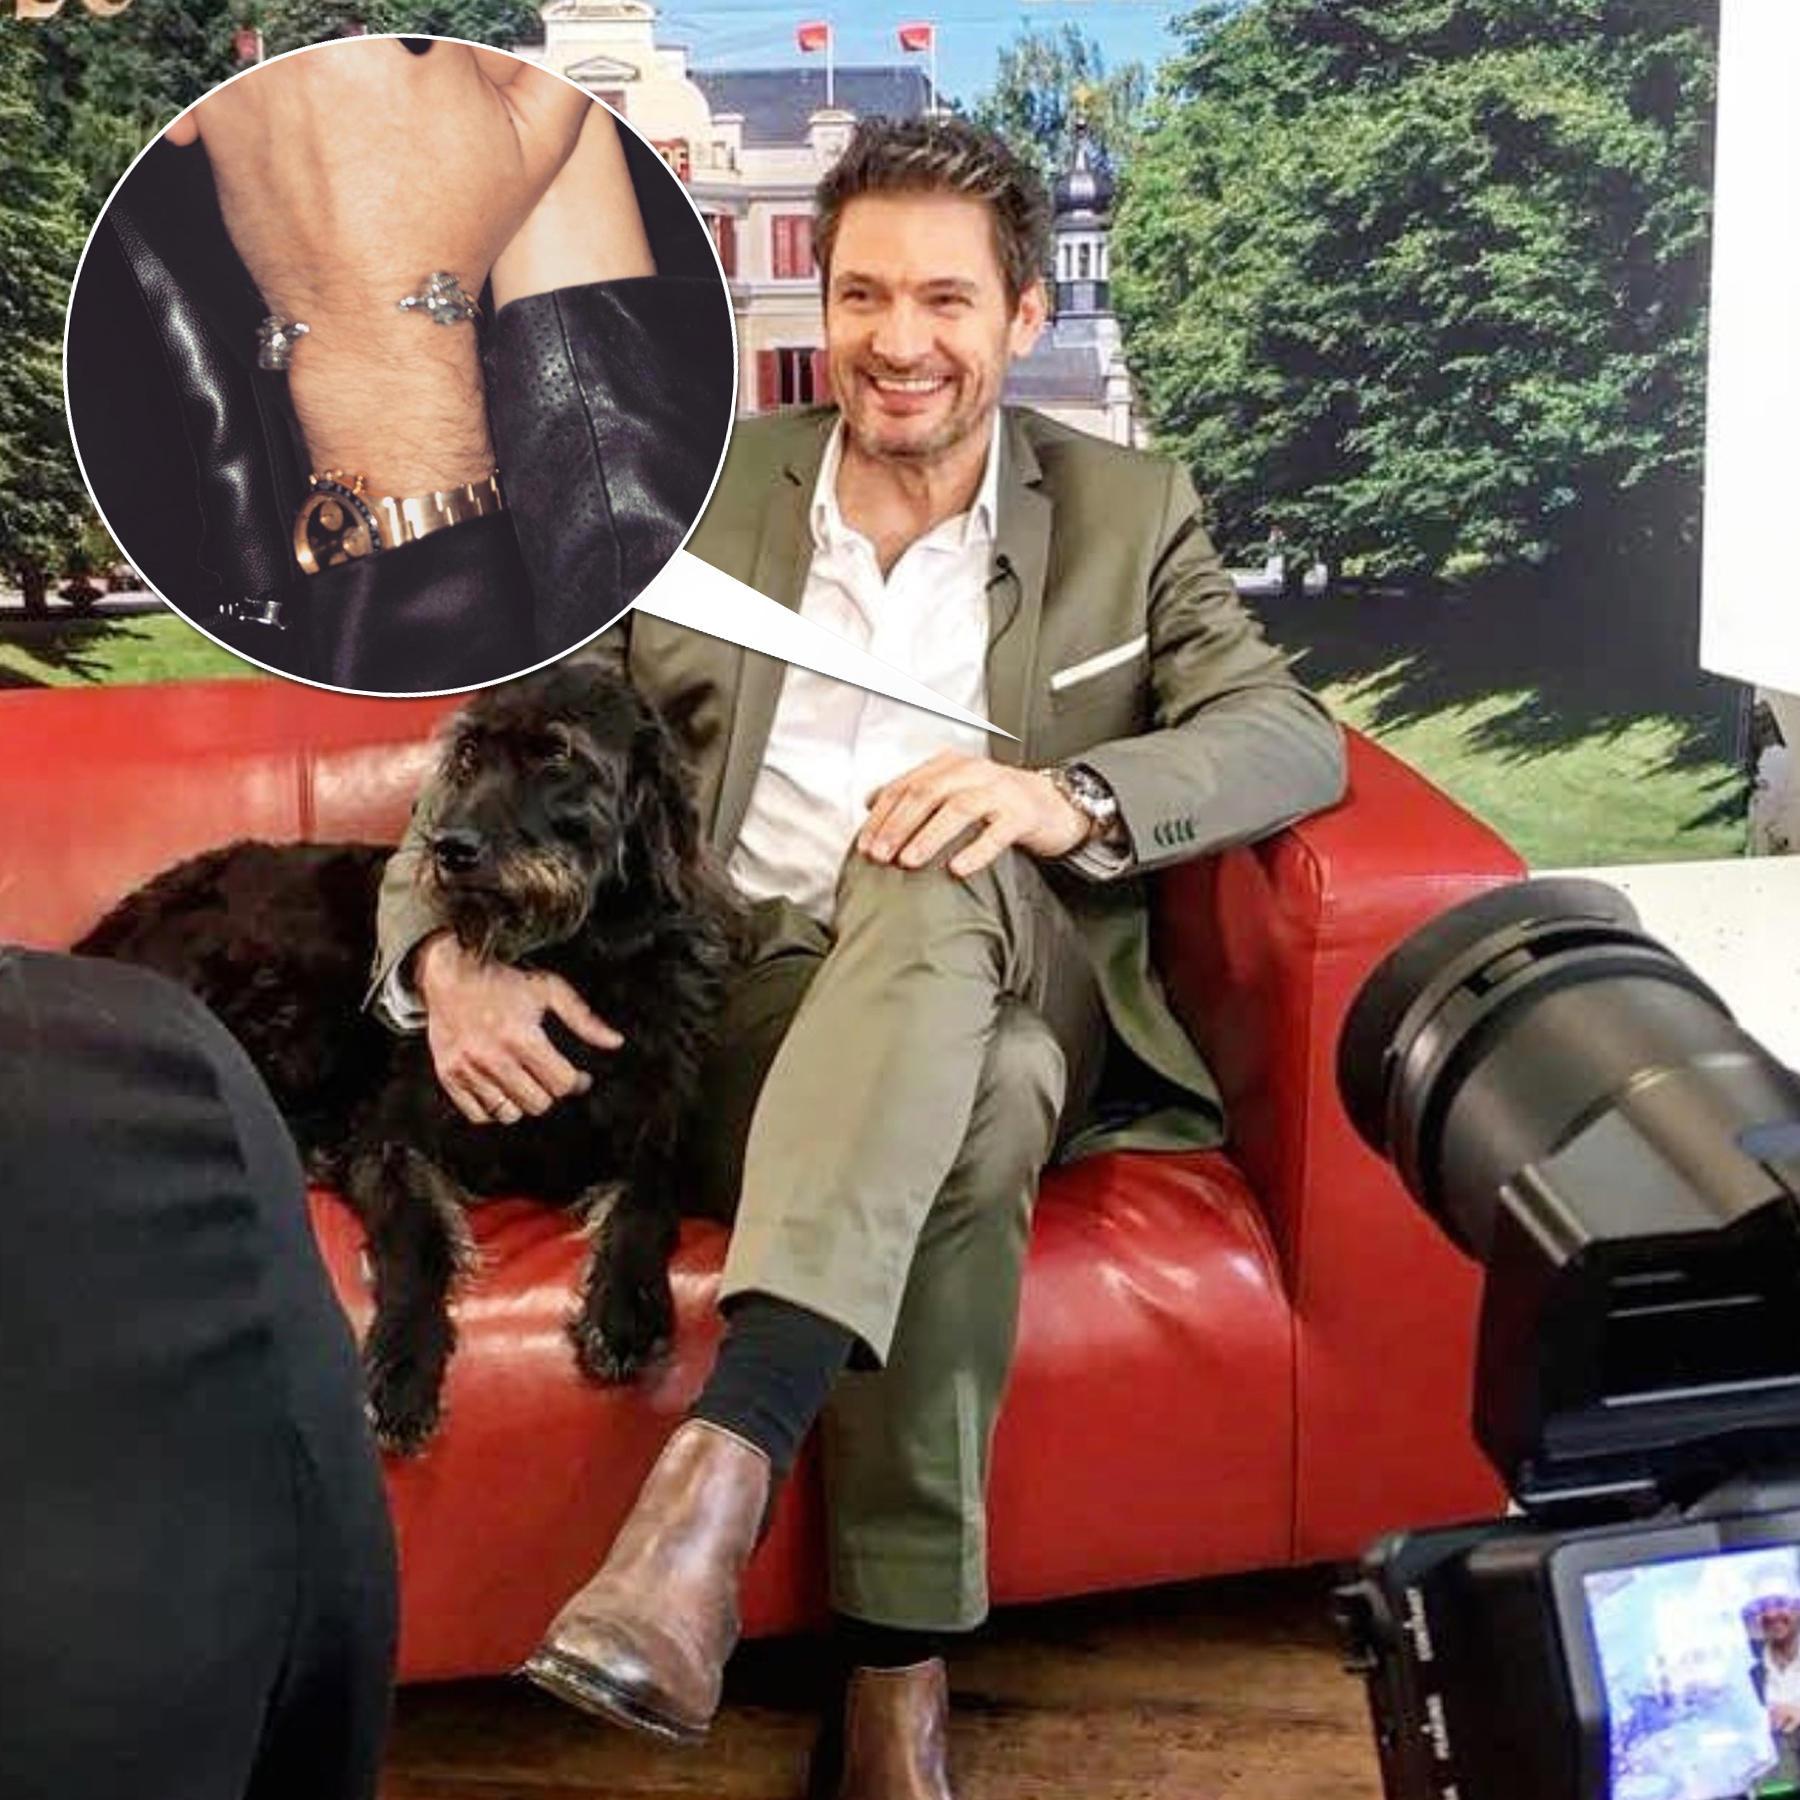 Das große Foto zeigt Dieter Bach während eines Interviews in den Bavaria Studios. Das kleine Foto zeigt die Hände von Larissa Marolt und ihrem heimlichen Freund. Verdächtig: Die sich ähnelnde Uhr